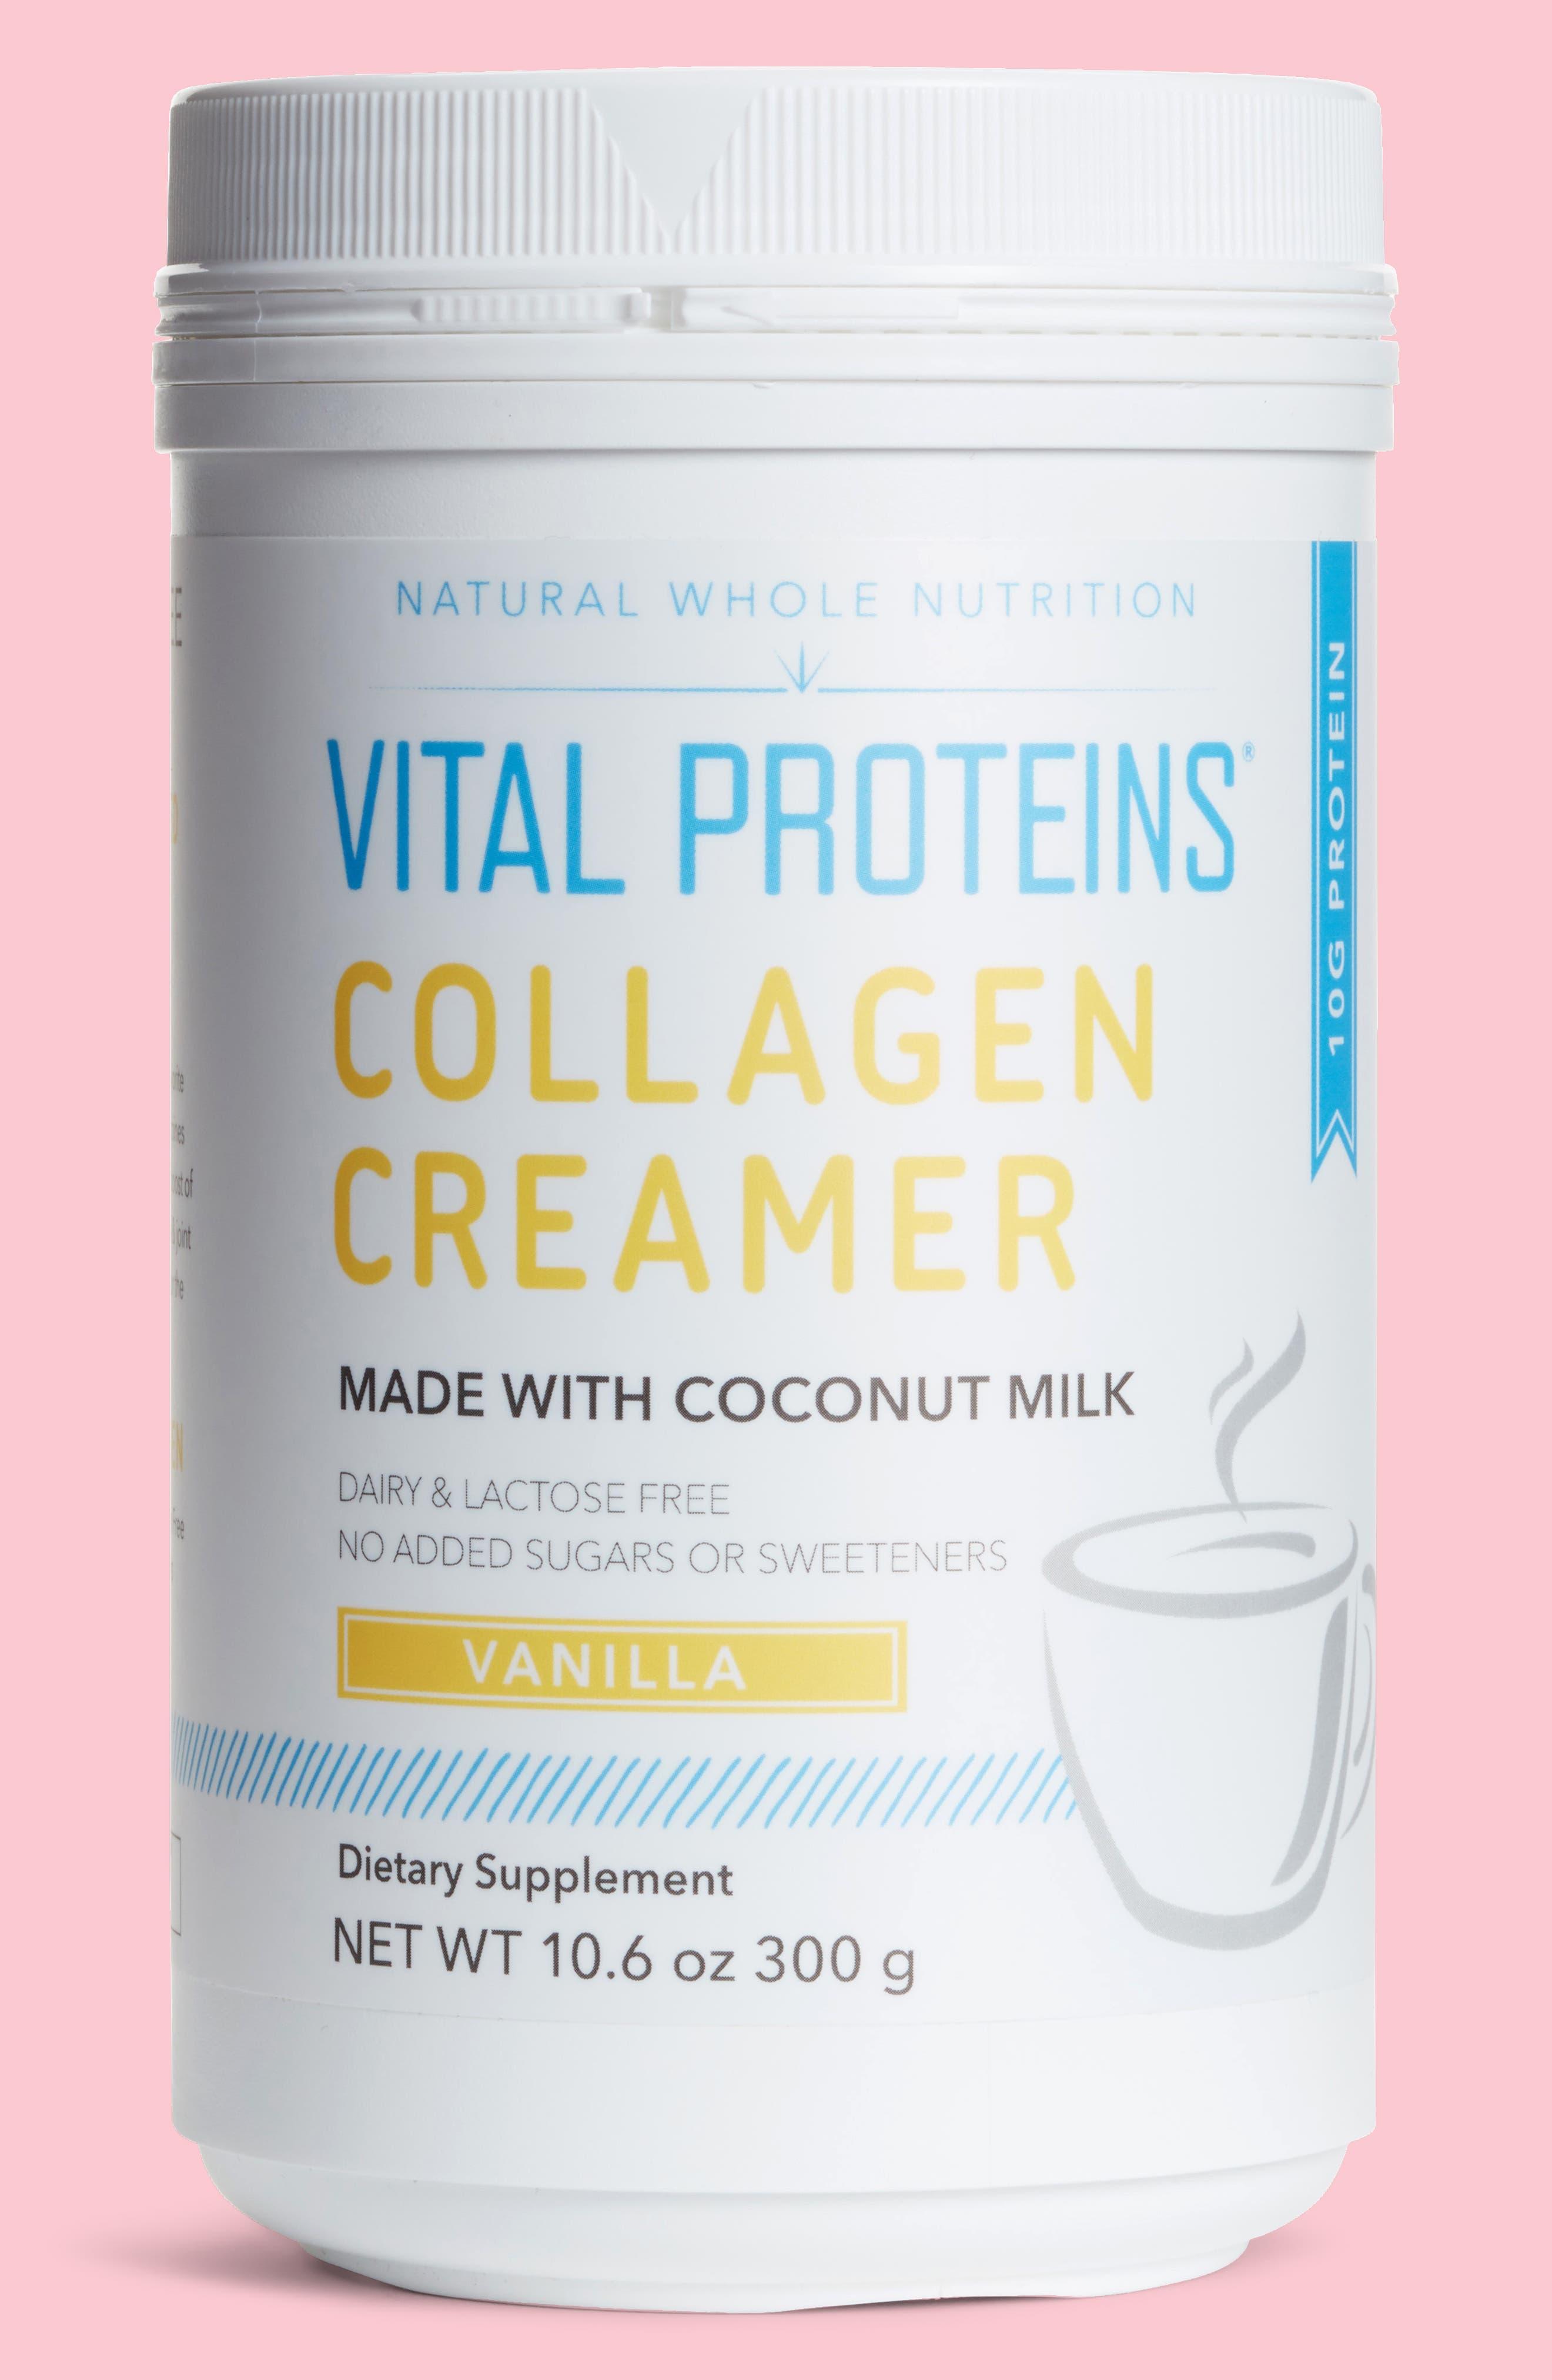 Vital Proteins Collagen Creamer Vanilla Dietary Supplement